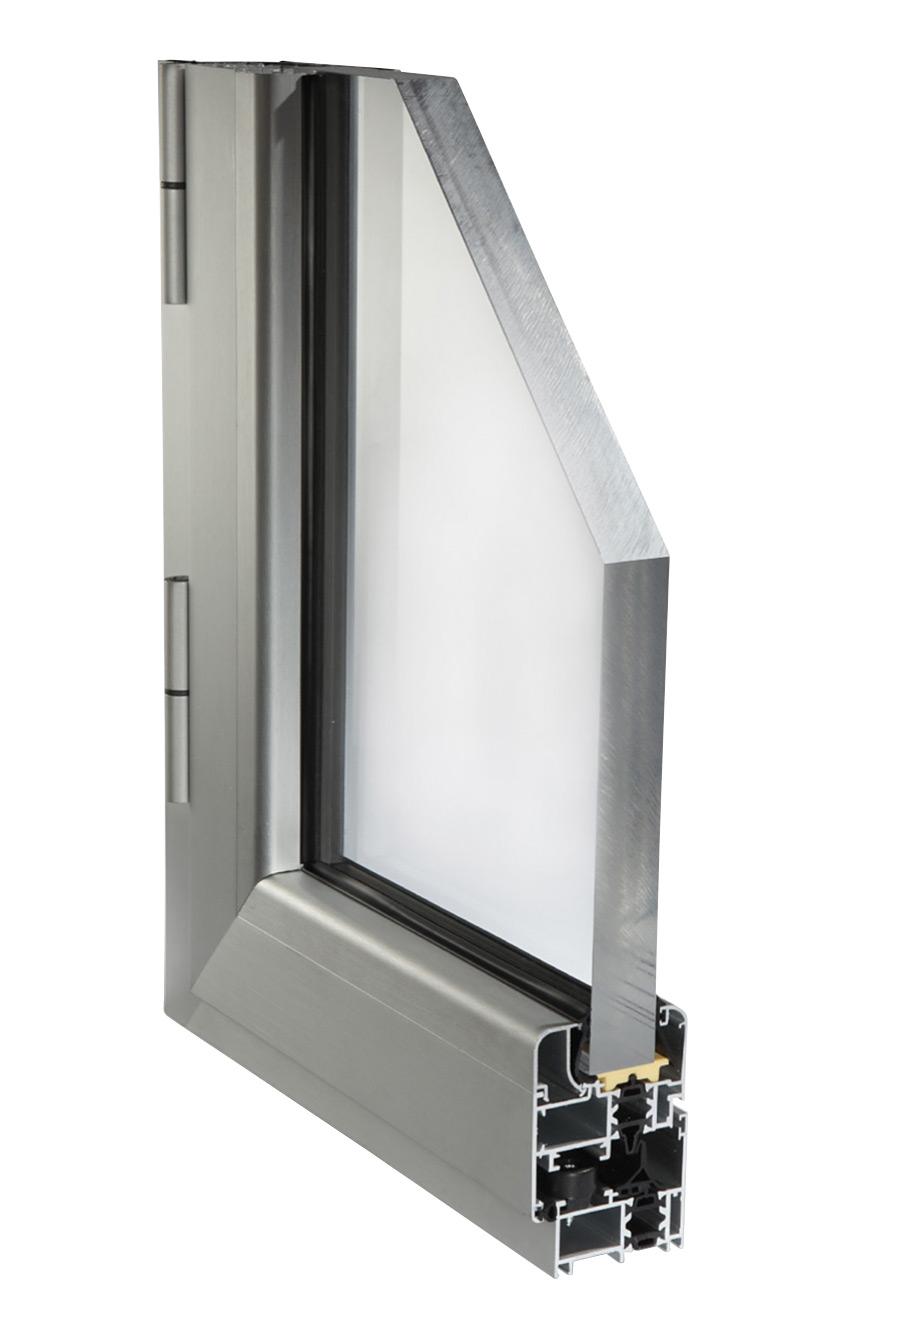 Profili alluminio per finestre serramenti a taglio termico - Scheda tecnica finestra ...